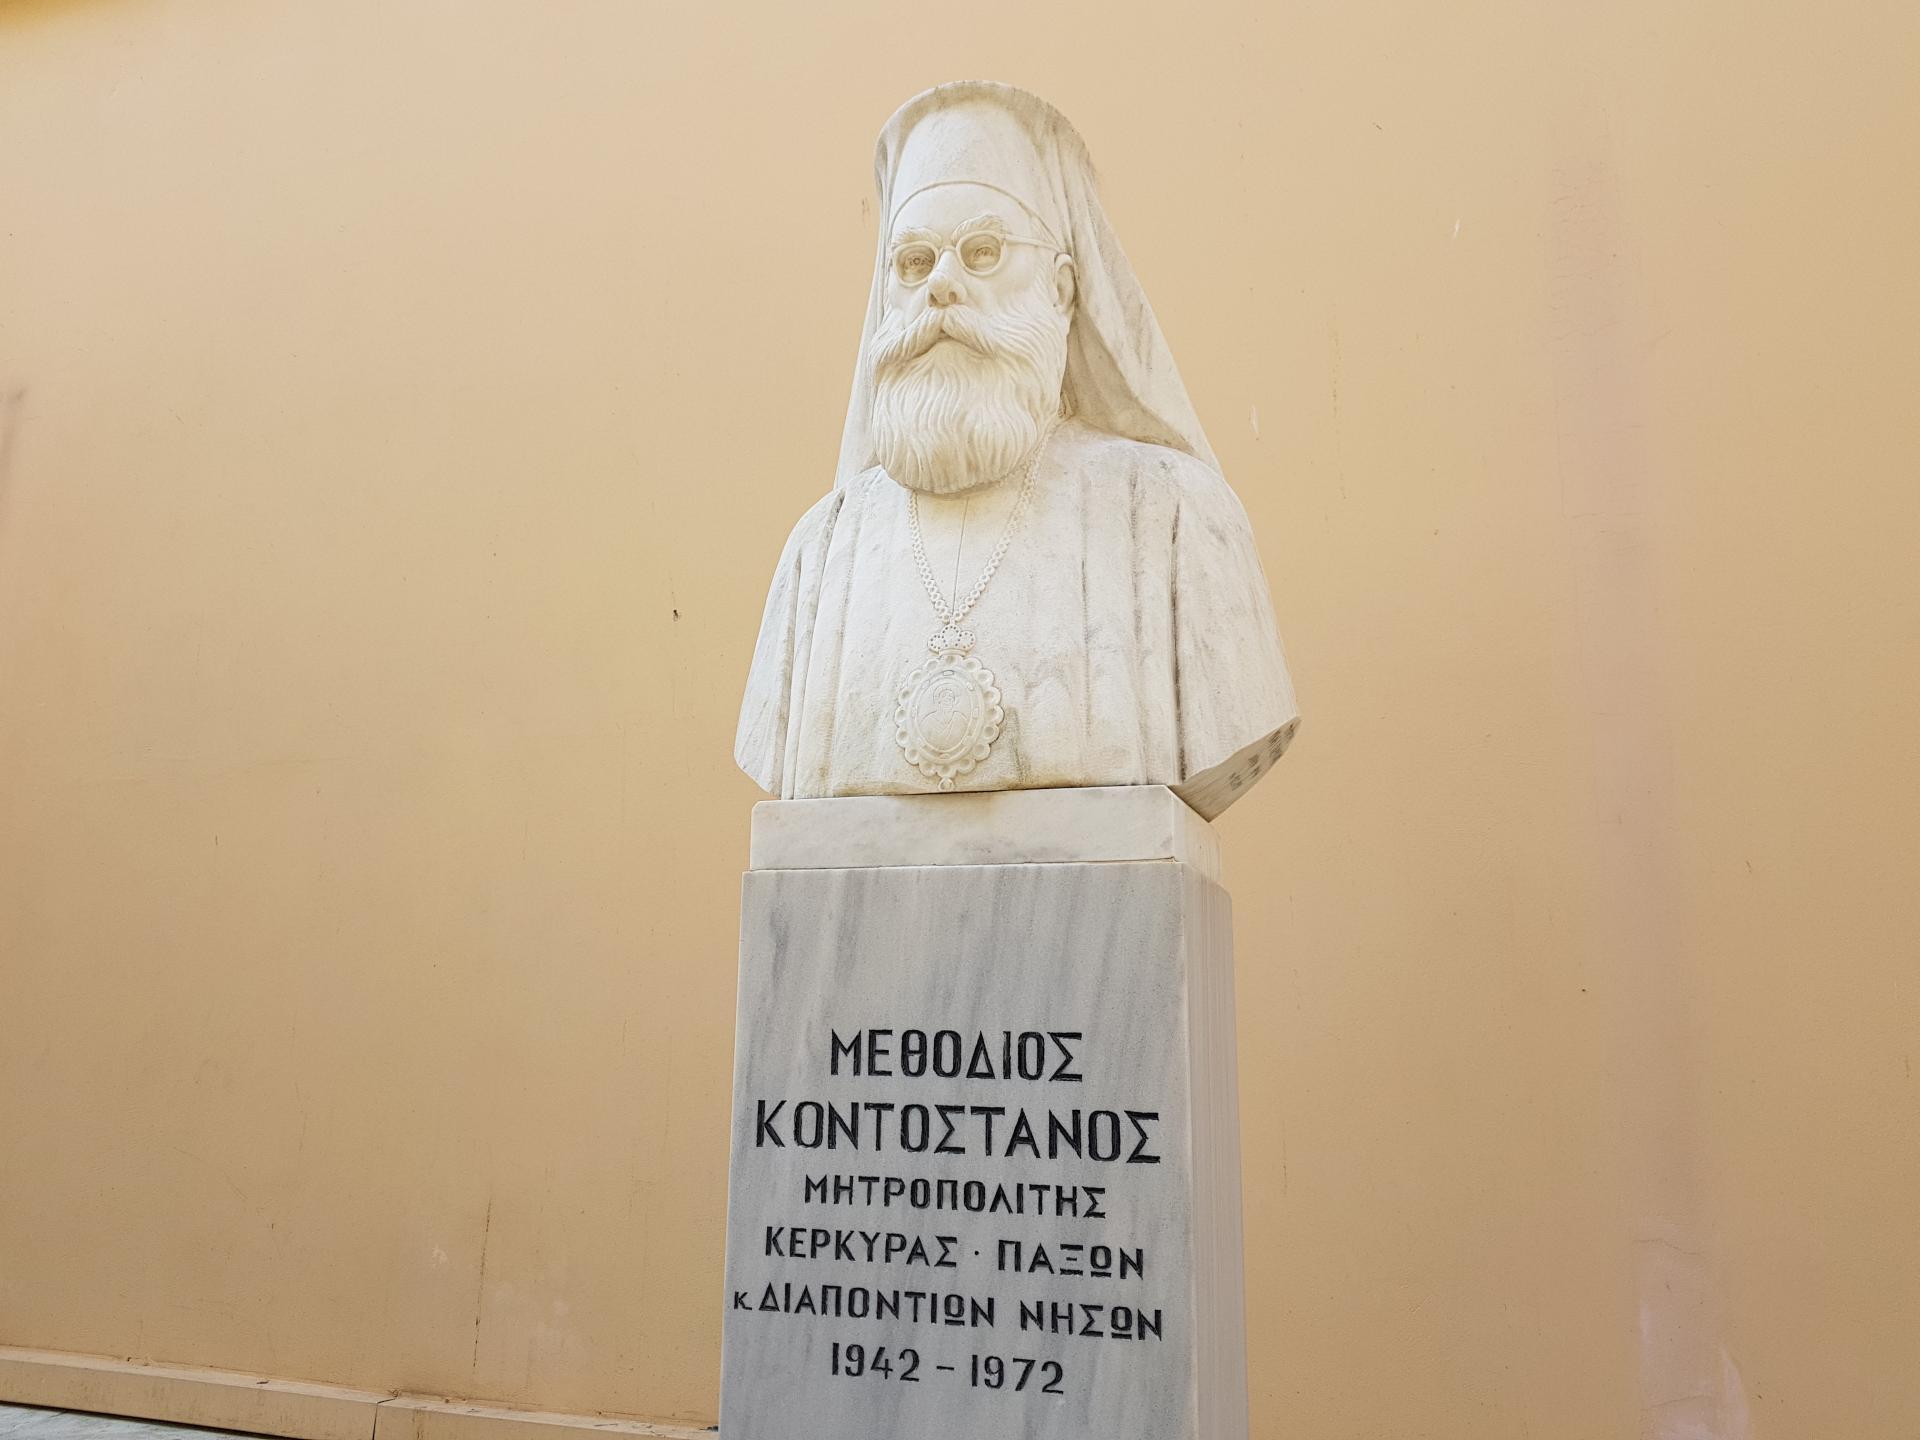 бюст митрополита Мефодия